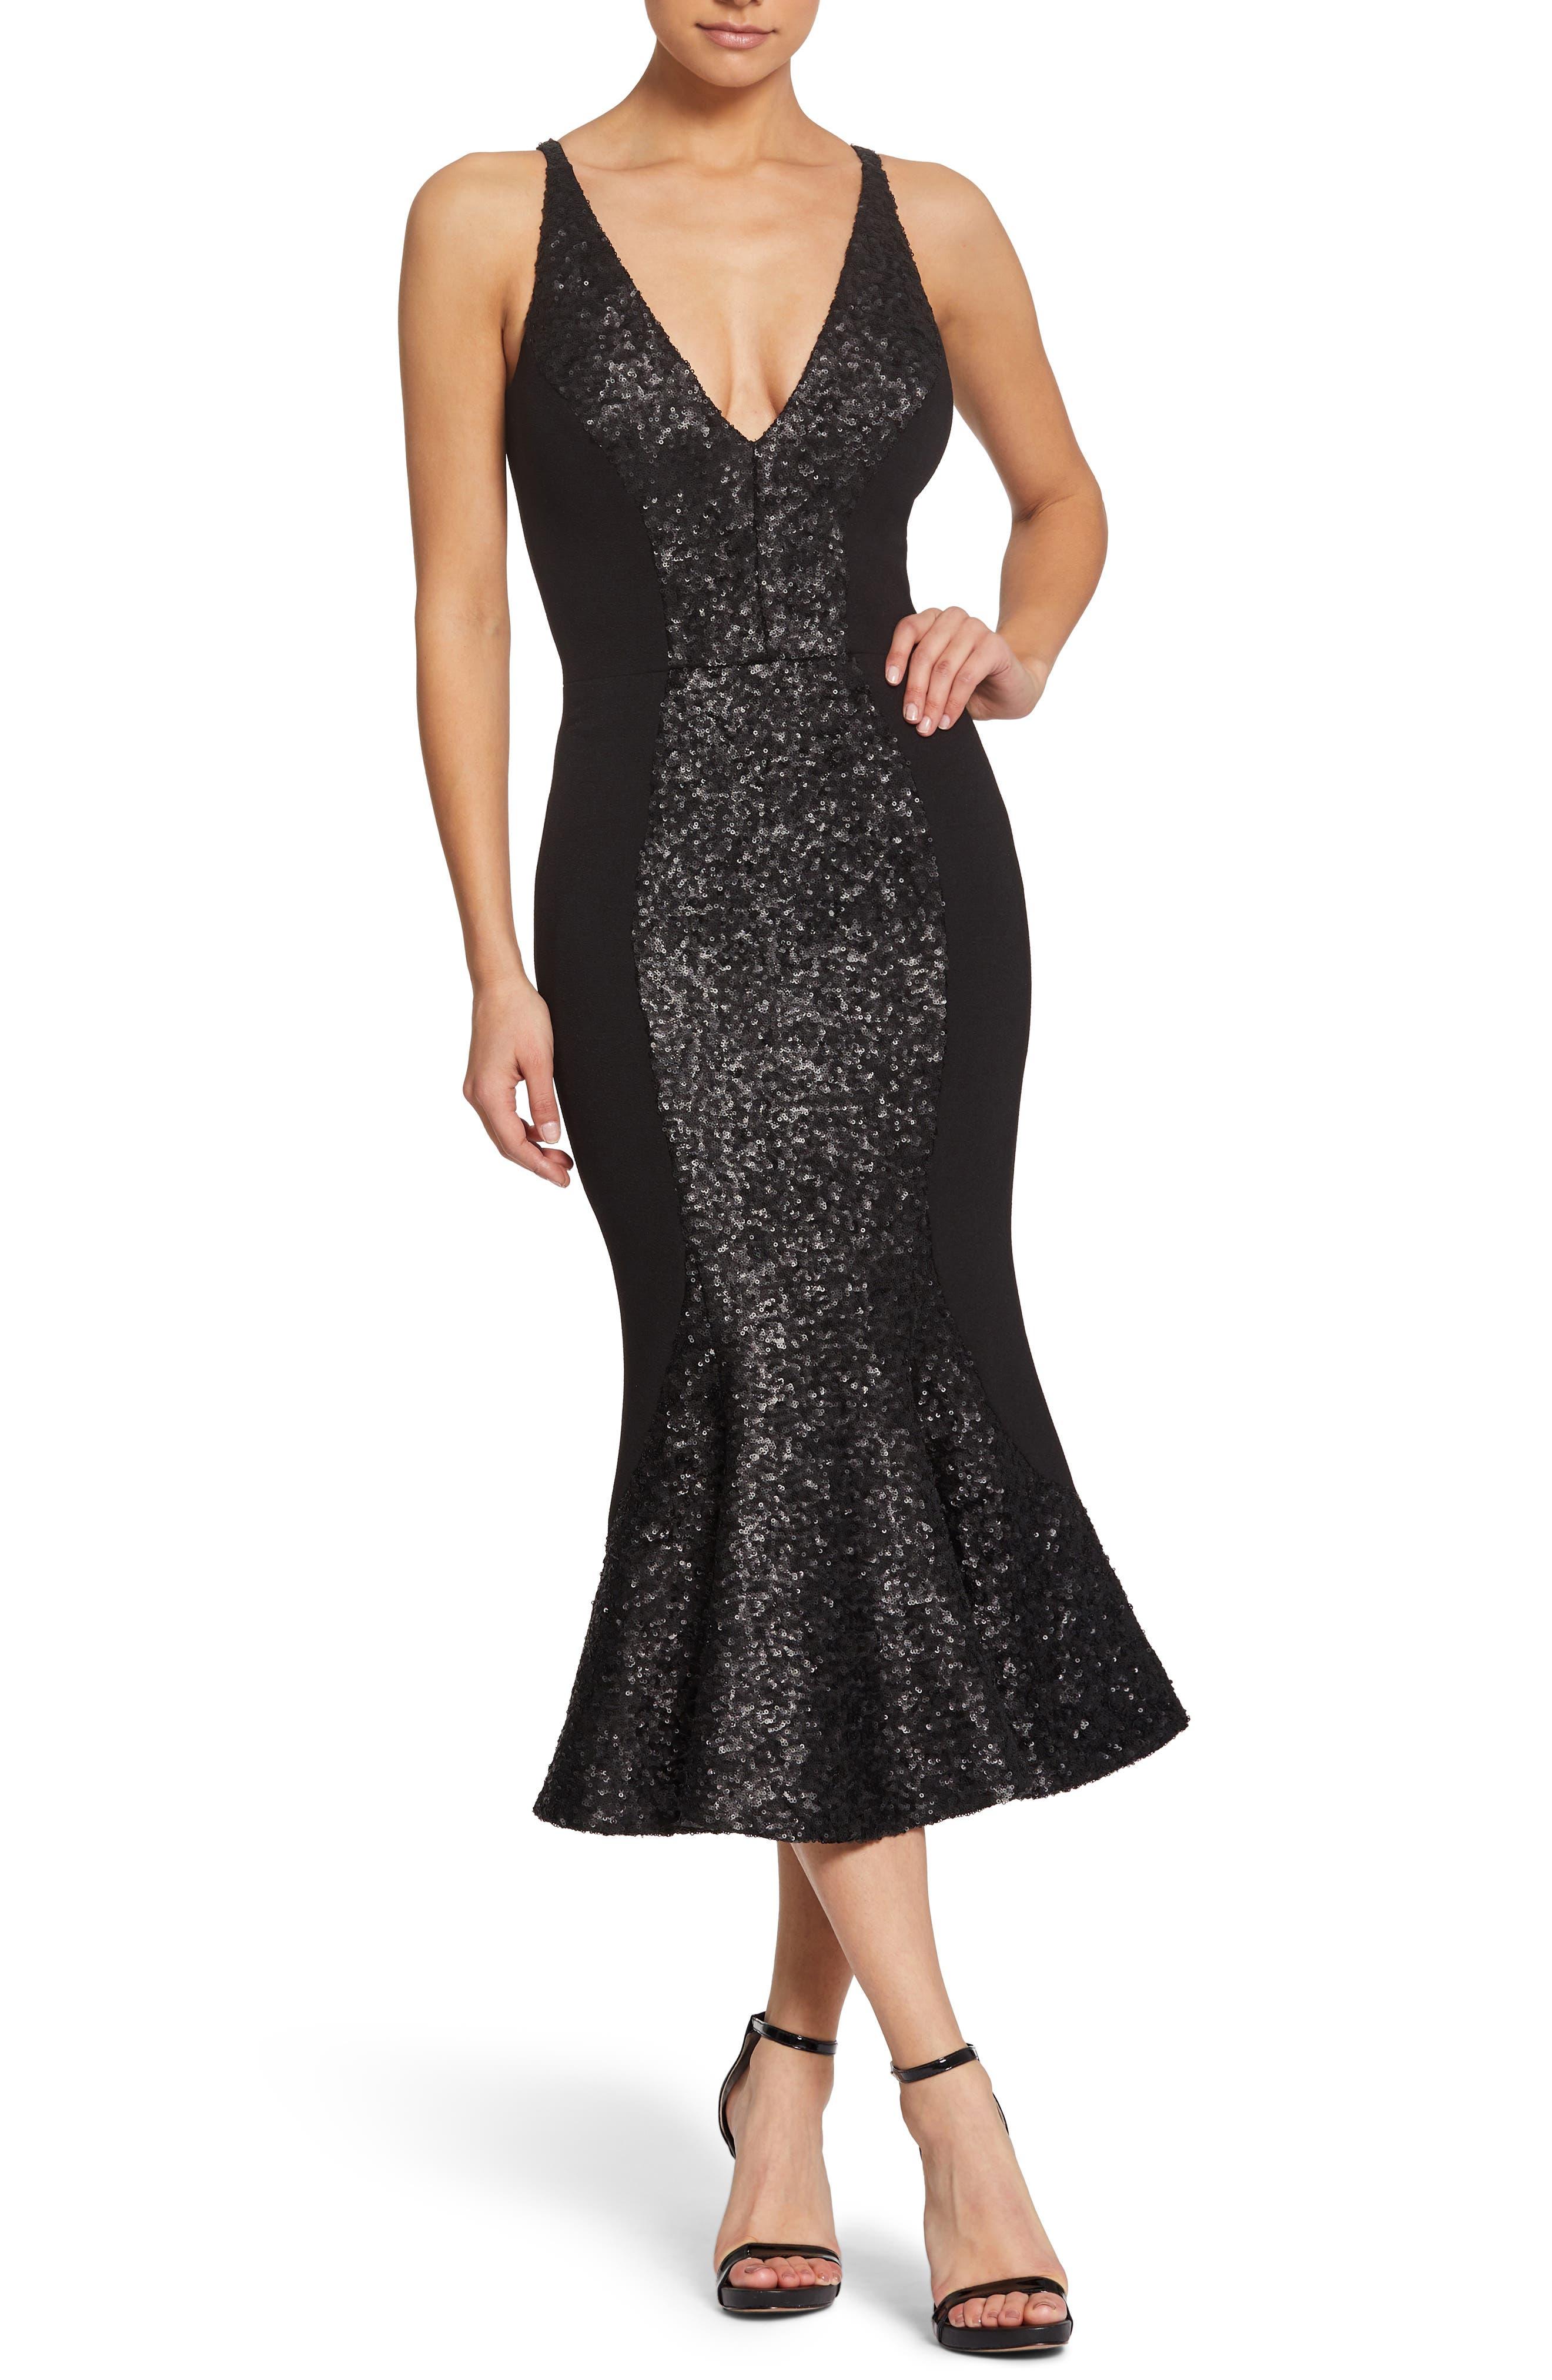 Kyle Embellished Midi Dress,                         Main,                         color, BLACK/ BLACK